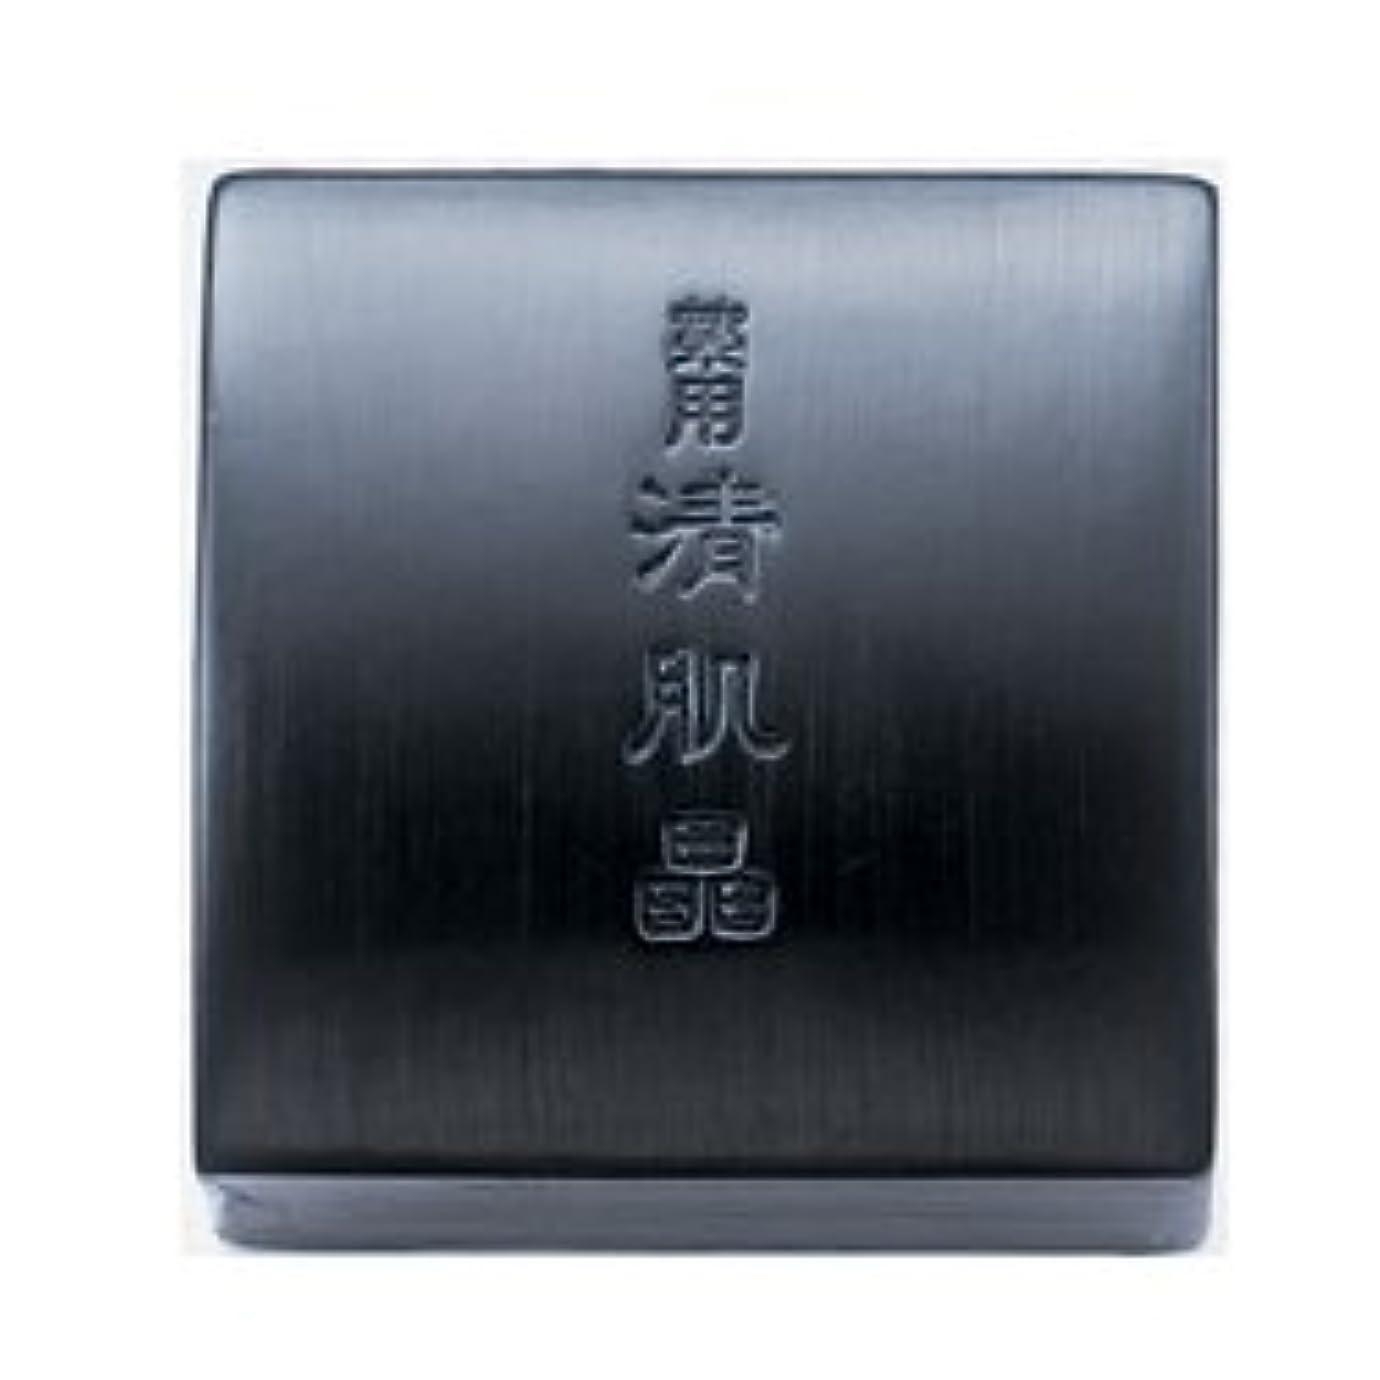 イタリアのリテラシー現金コーセー 薬用 清肌晶 洗顔 石けん 120g アウトレット